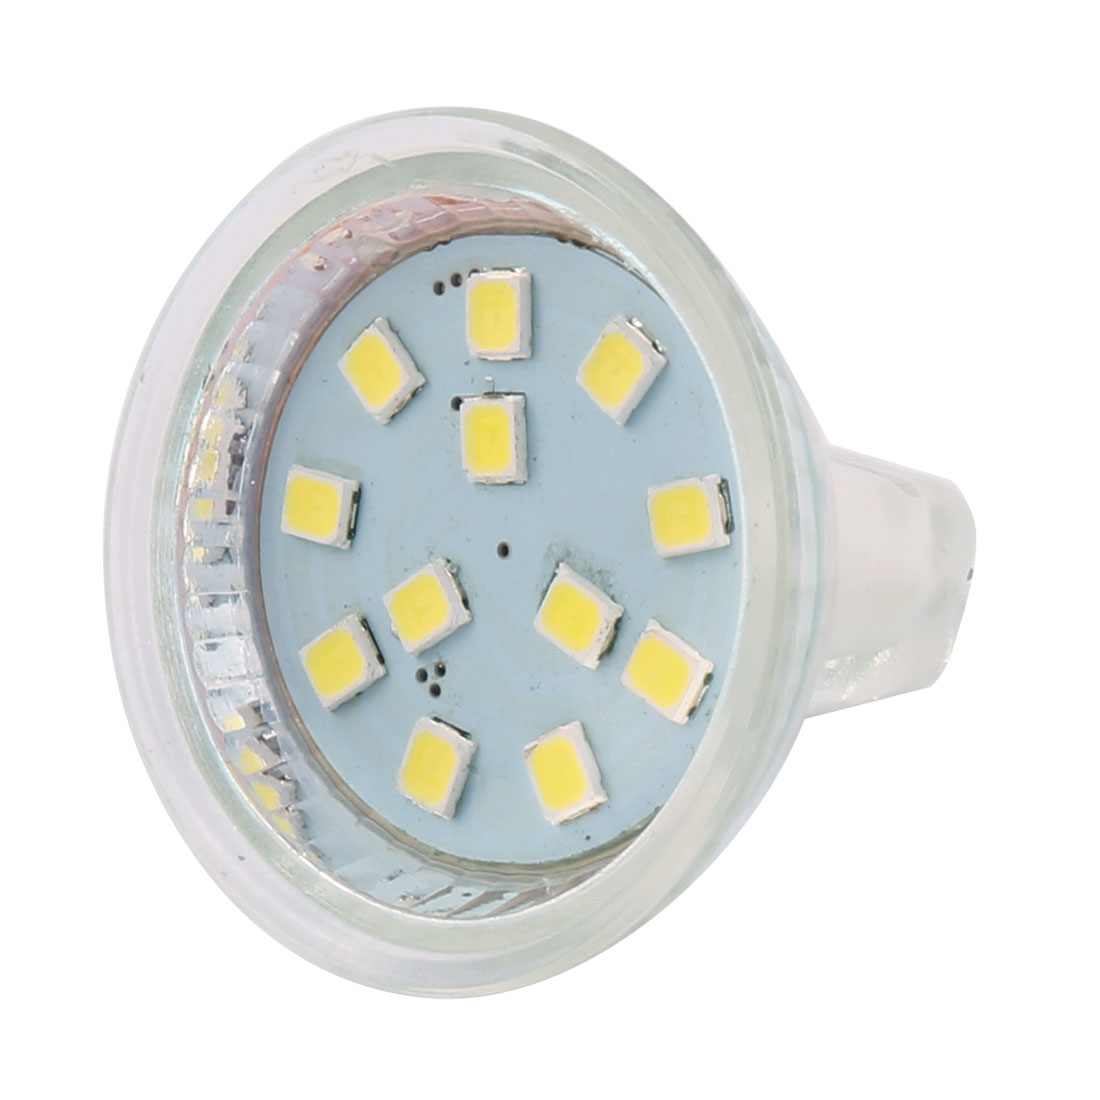 12-30V 2W MR11 2835 SMD 12 LEDs LED Bulb Light Spotlight Lamp Lighting Cool White